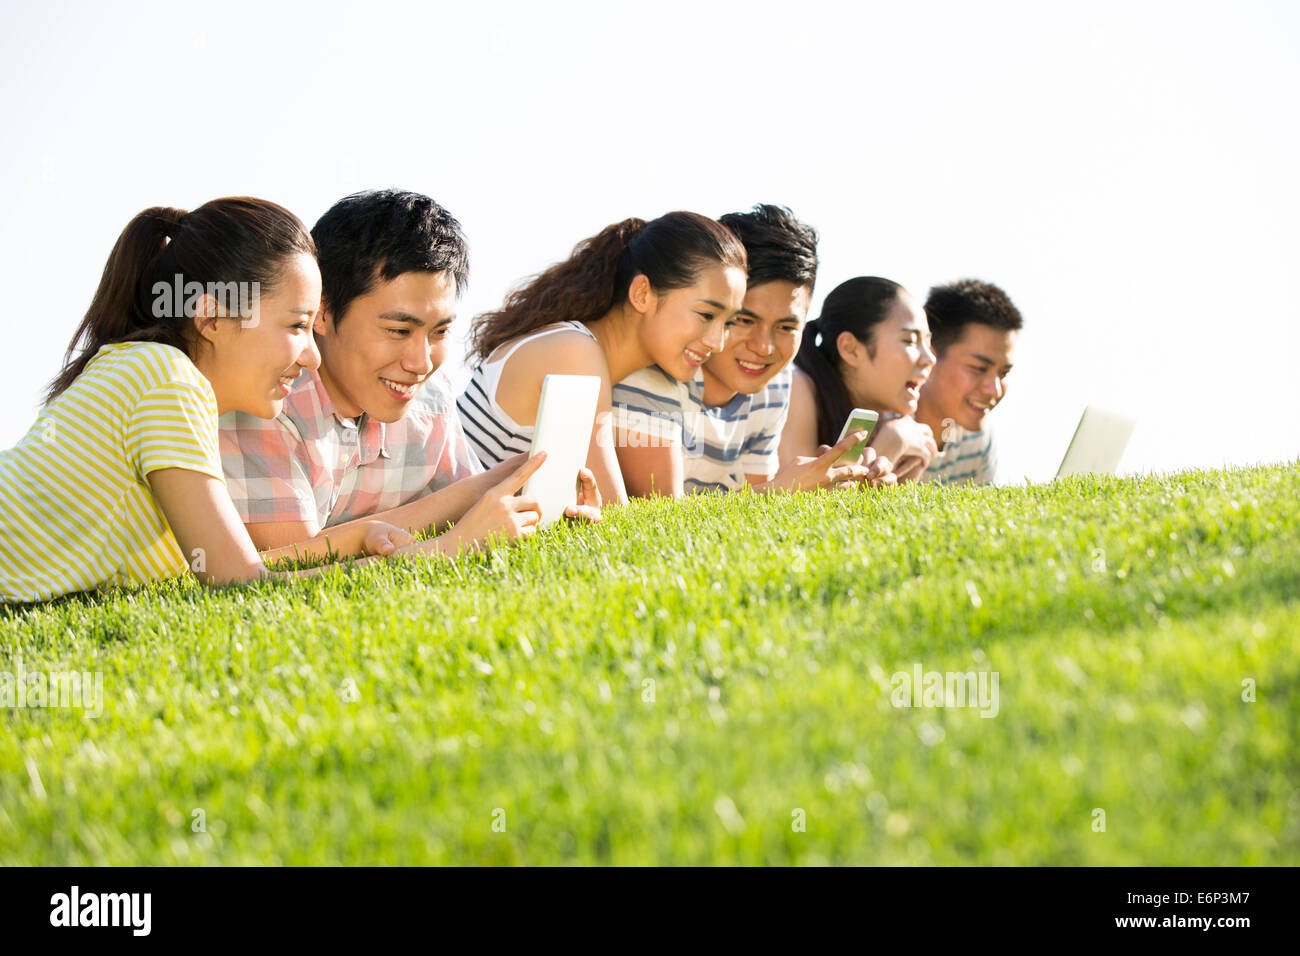 Fröhliche junge Erwachsene liegend auf Rasen spielen zusammen Stockbild